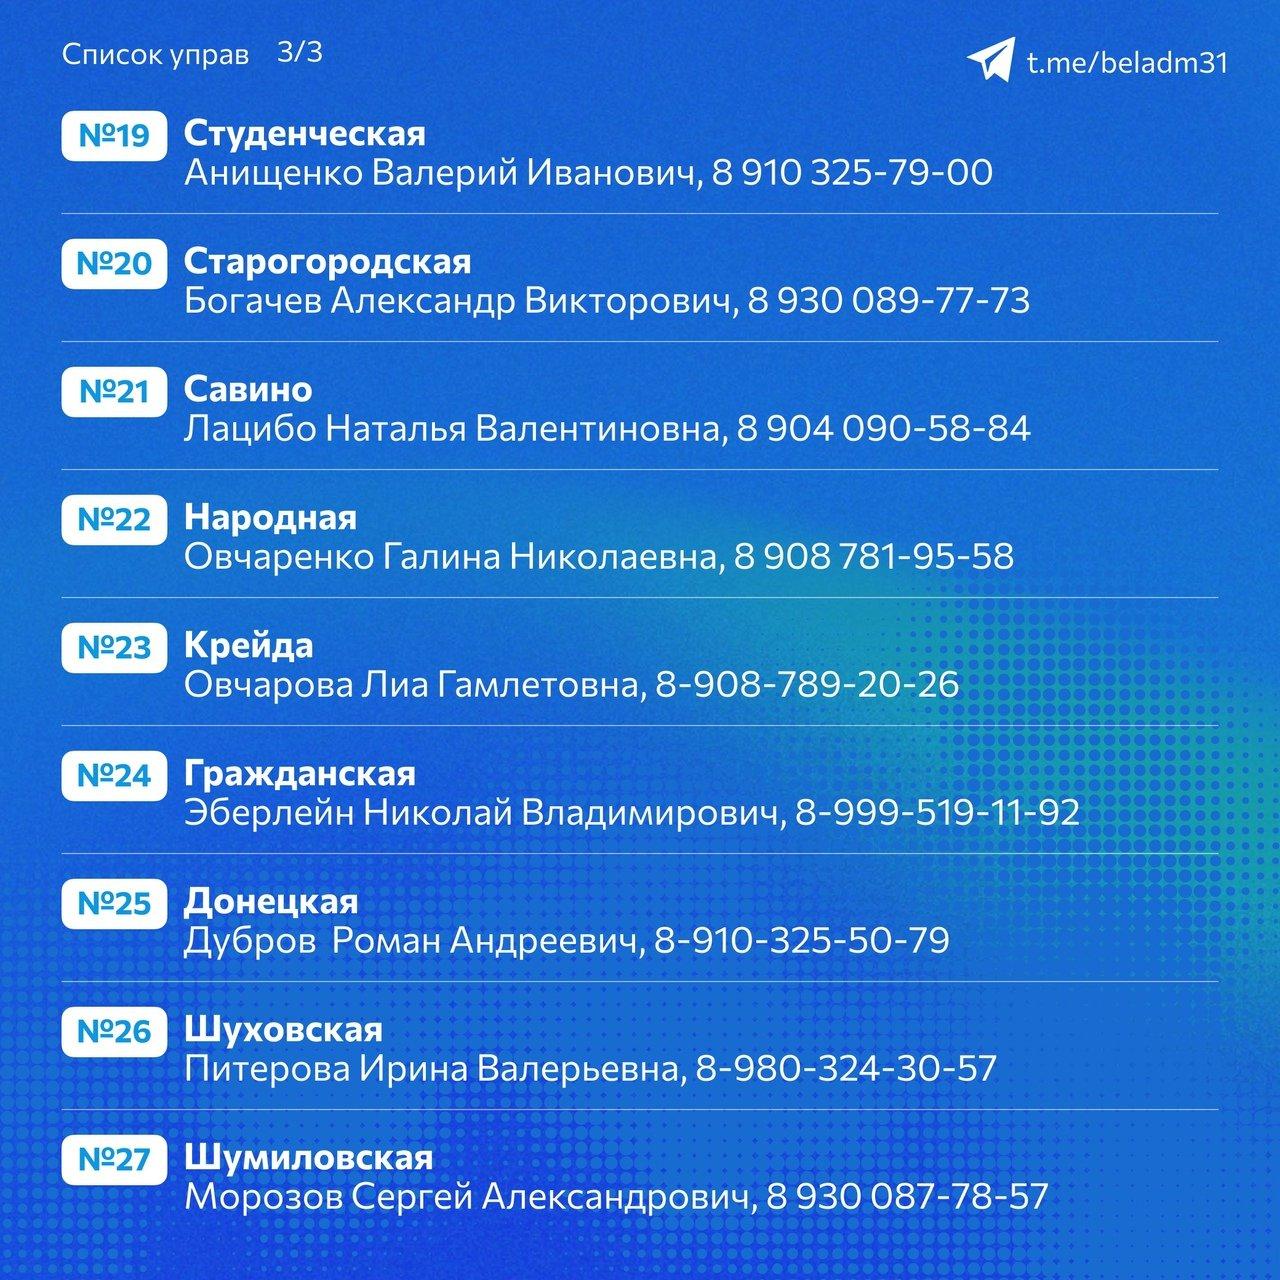 В управах Белгорода теперь можно сделать прививку от CoViD-19, фото-3